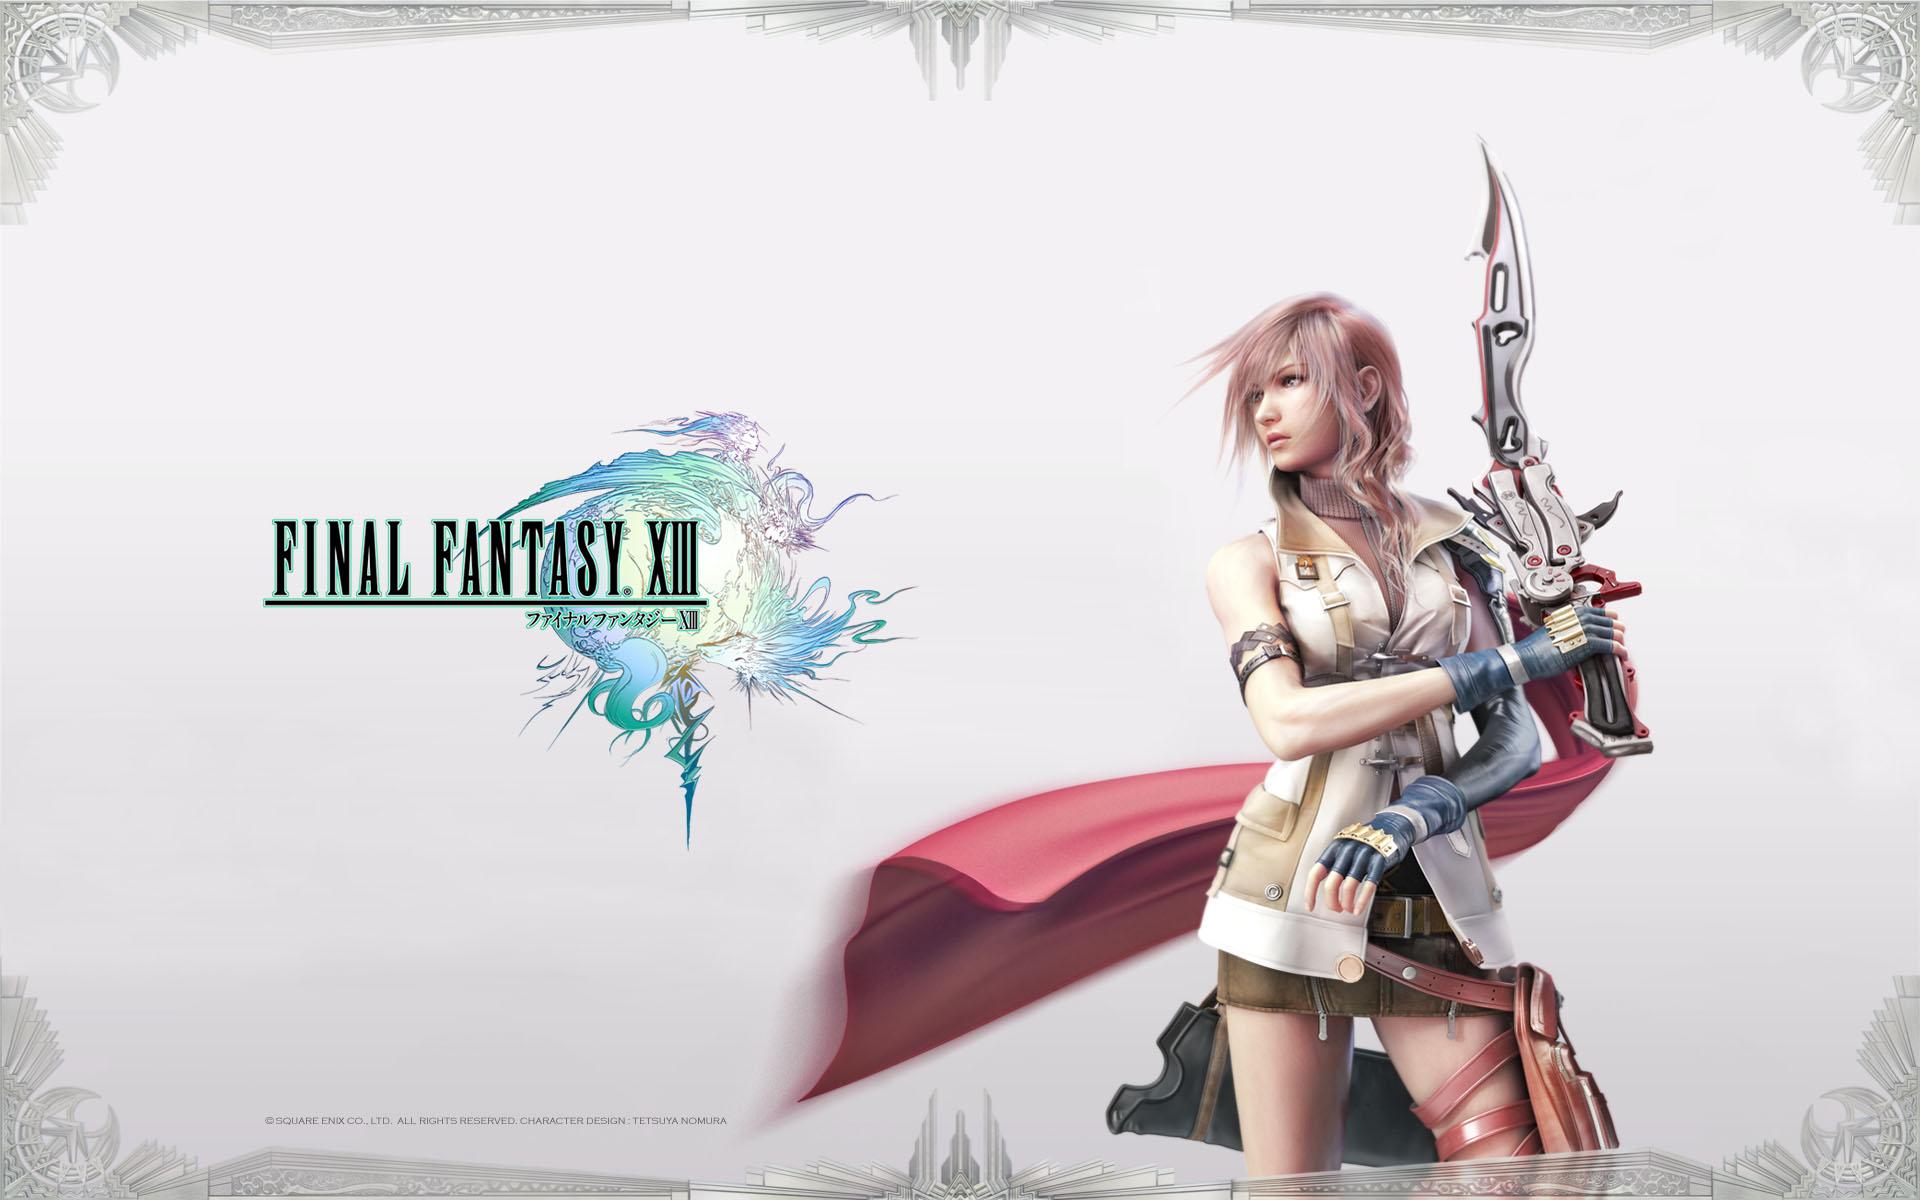 Final Fantasy Xiii Wallpaper Wallpapersafari